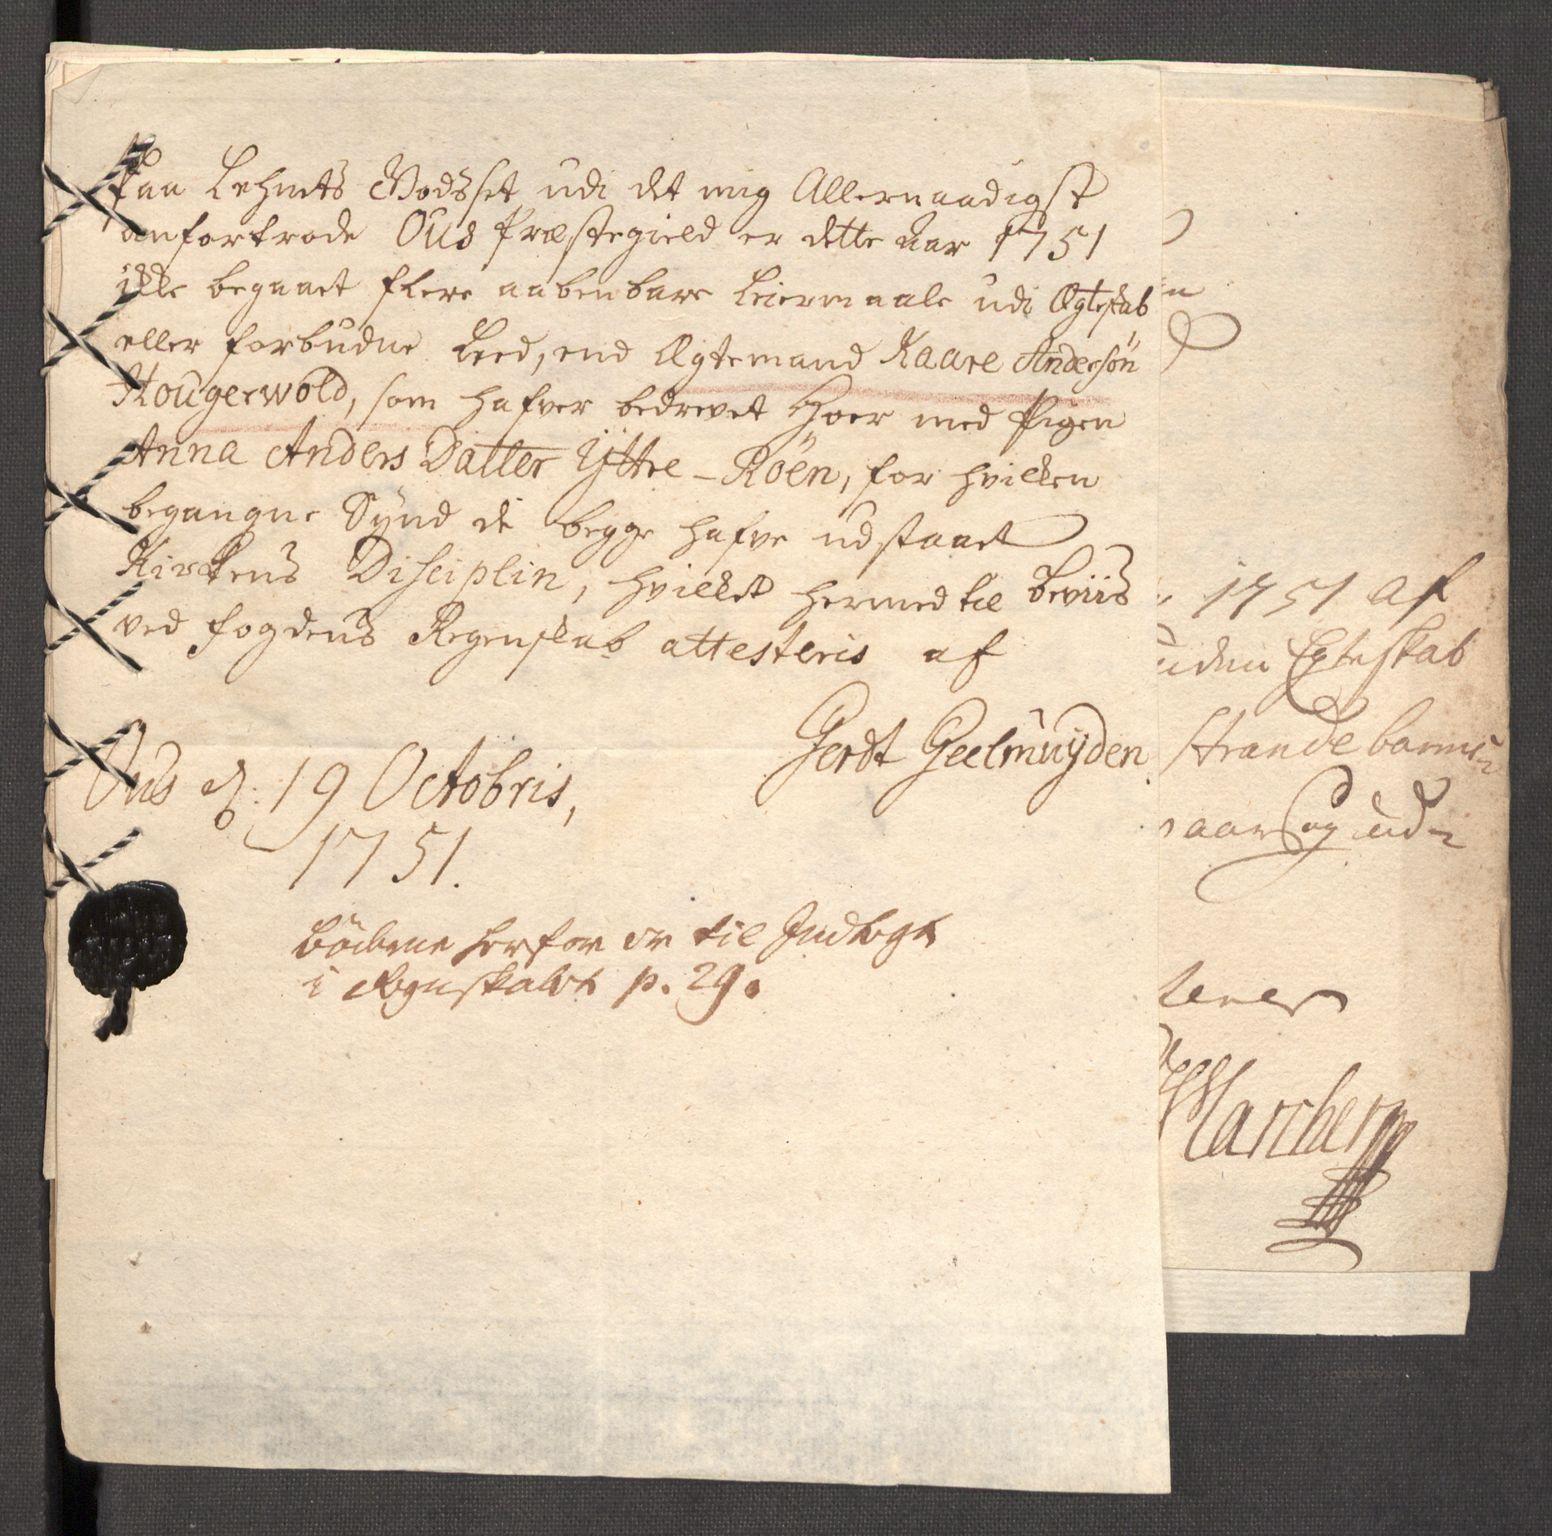 RA, Rentekammeret inntil 1814, Reviderte regnskaper, Fogderegnskap, R48/L3056: Fogderegnskap Sunnhordland og Hardanger, 1751, s. 188